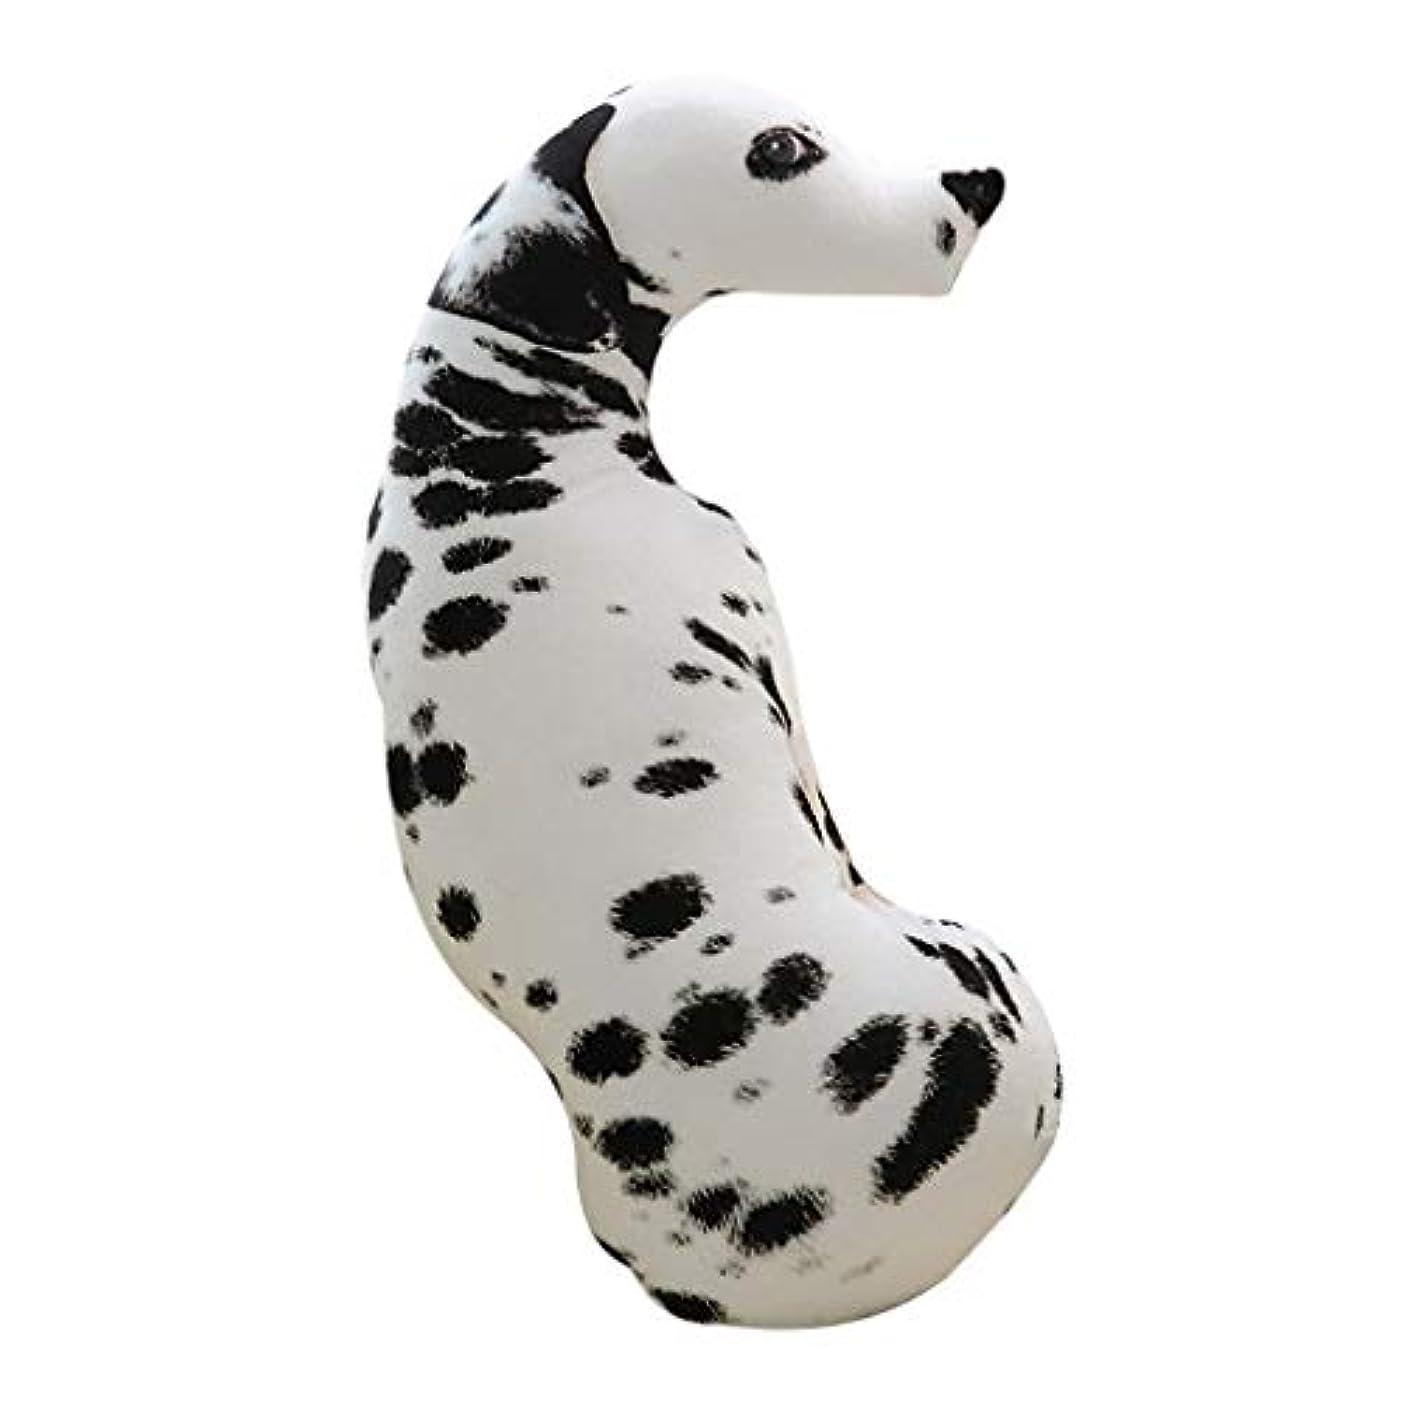 驚いた強制的マージLIFE 装飾クッションソファおかしい 3D 犬印刷スロー枕創造クッションかわいいぬいぐるみギフト家の装飾 coussin decoratif クッション 椅子